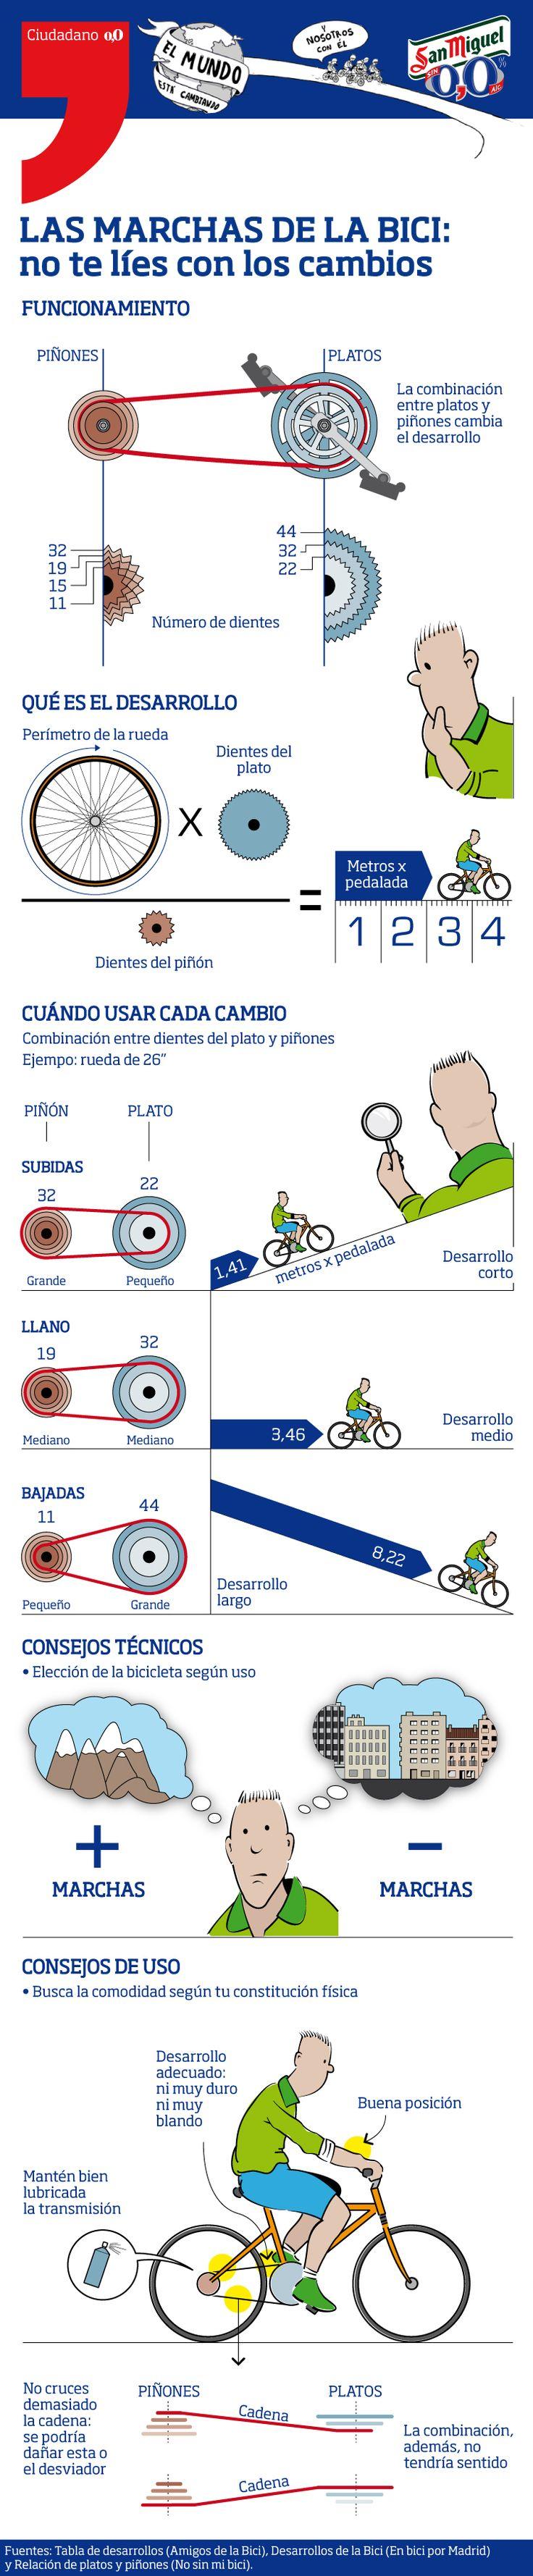 Infografía | Cómo funcionan los cambios de la bici